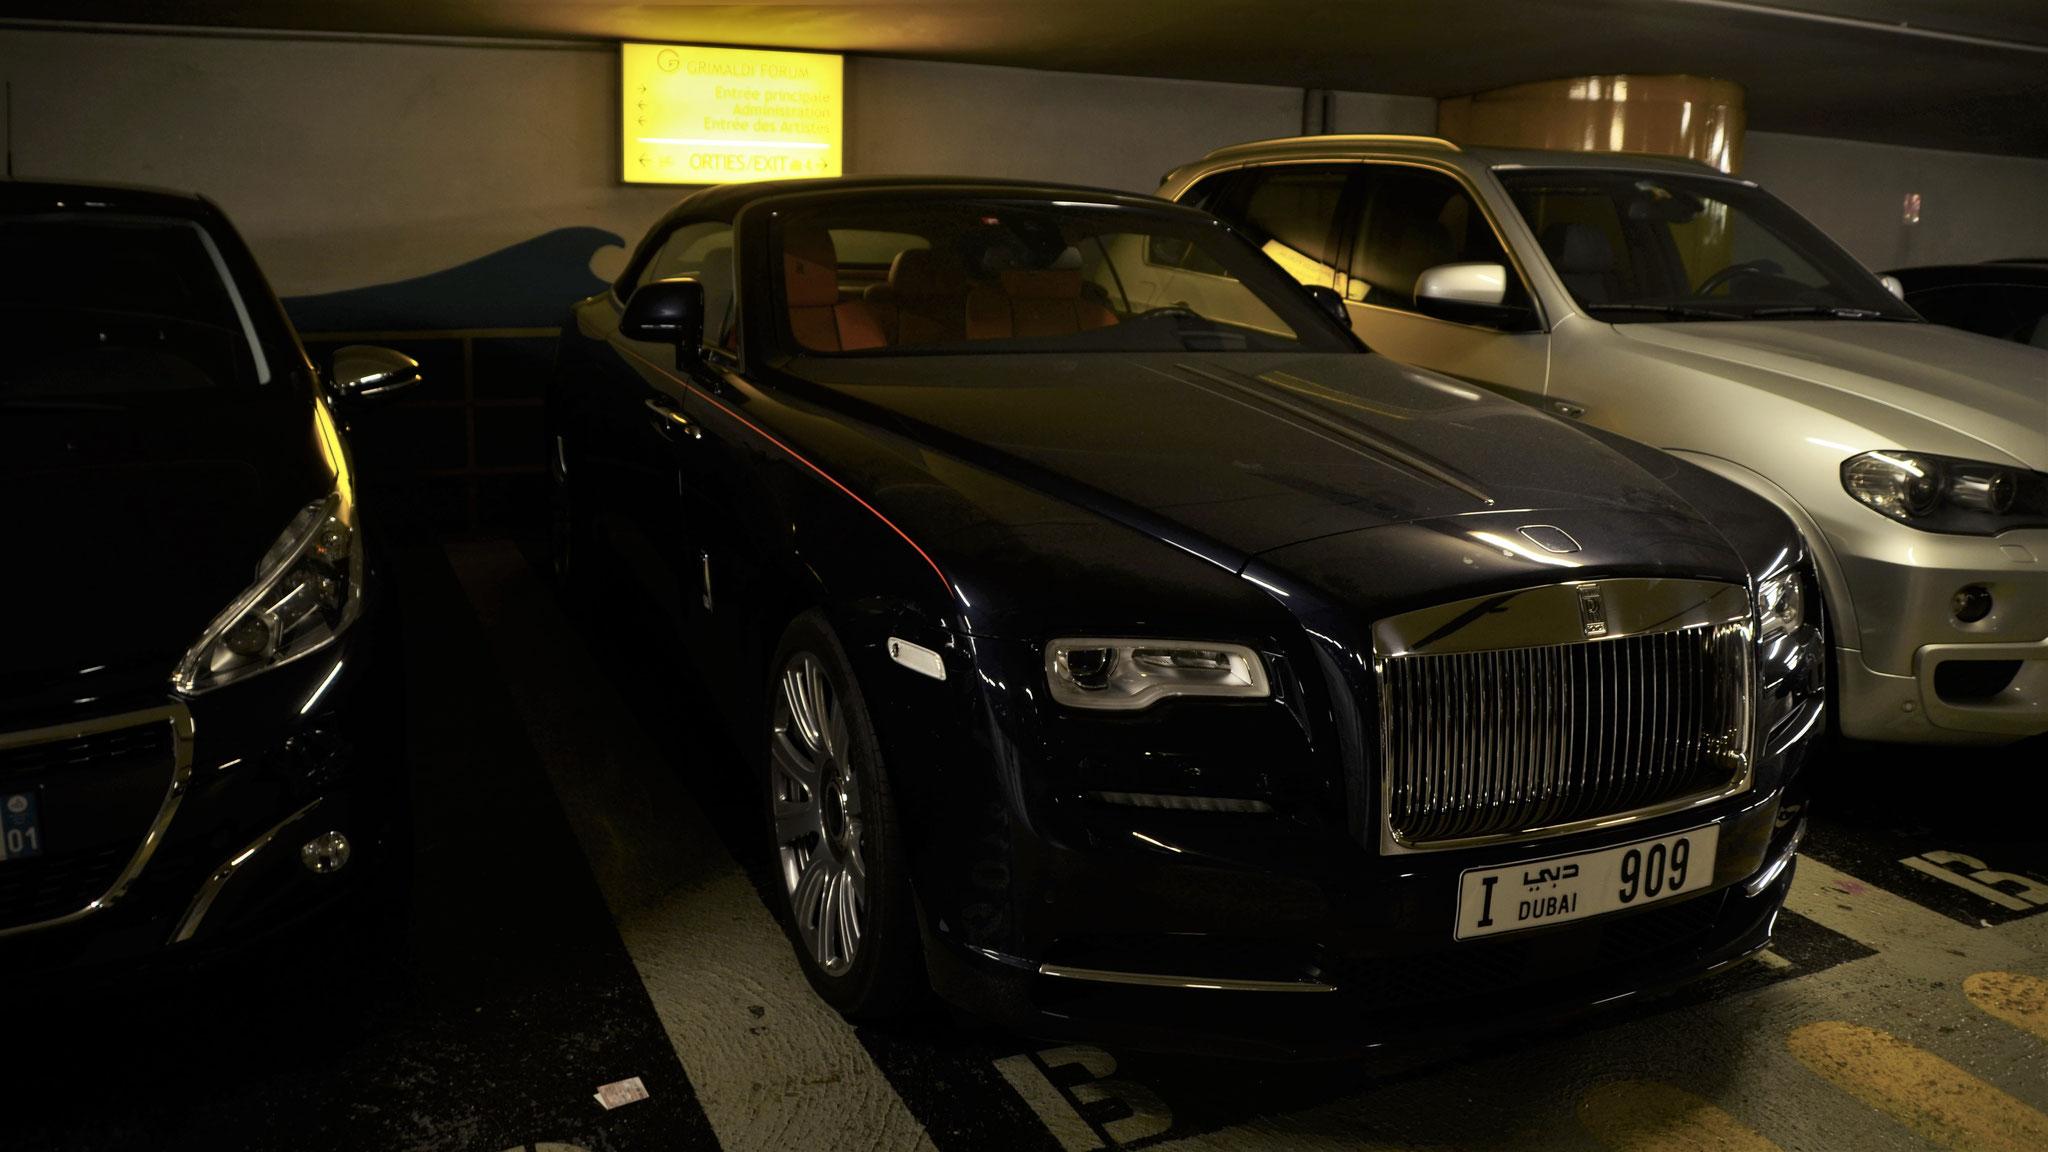 Rolls Royce Dawn - I-909 (Dubai)